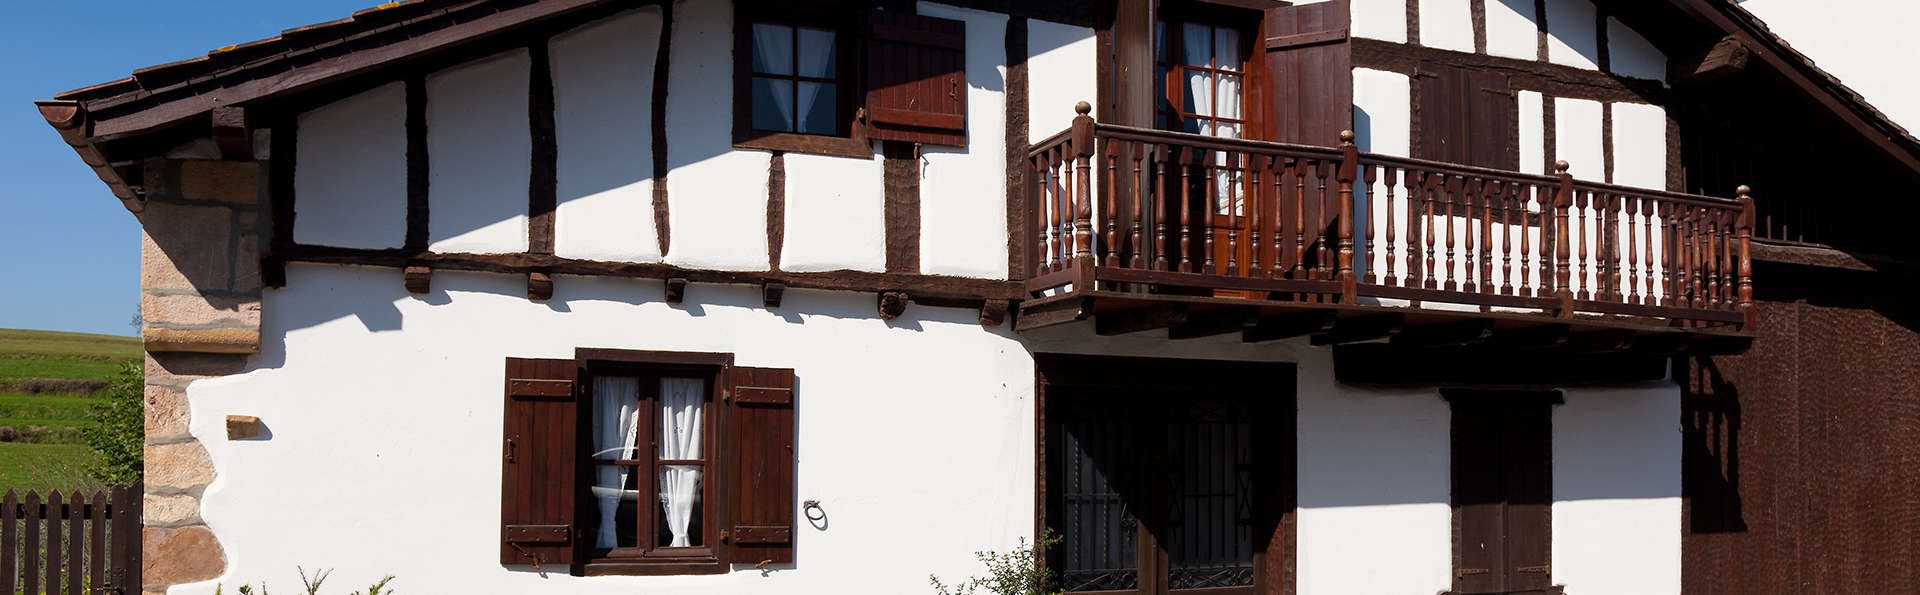 Hôtel Argi-Eder, The Originals Relais (Relais du Silence) - Edit_Ainhoa.jpg